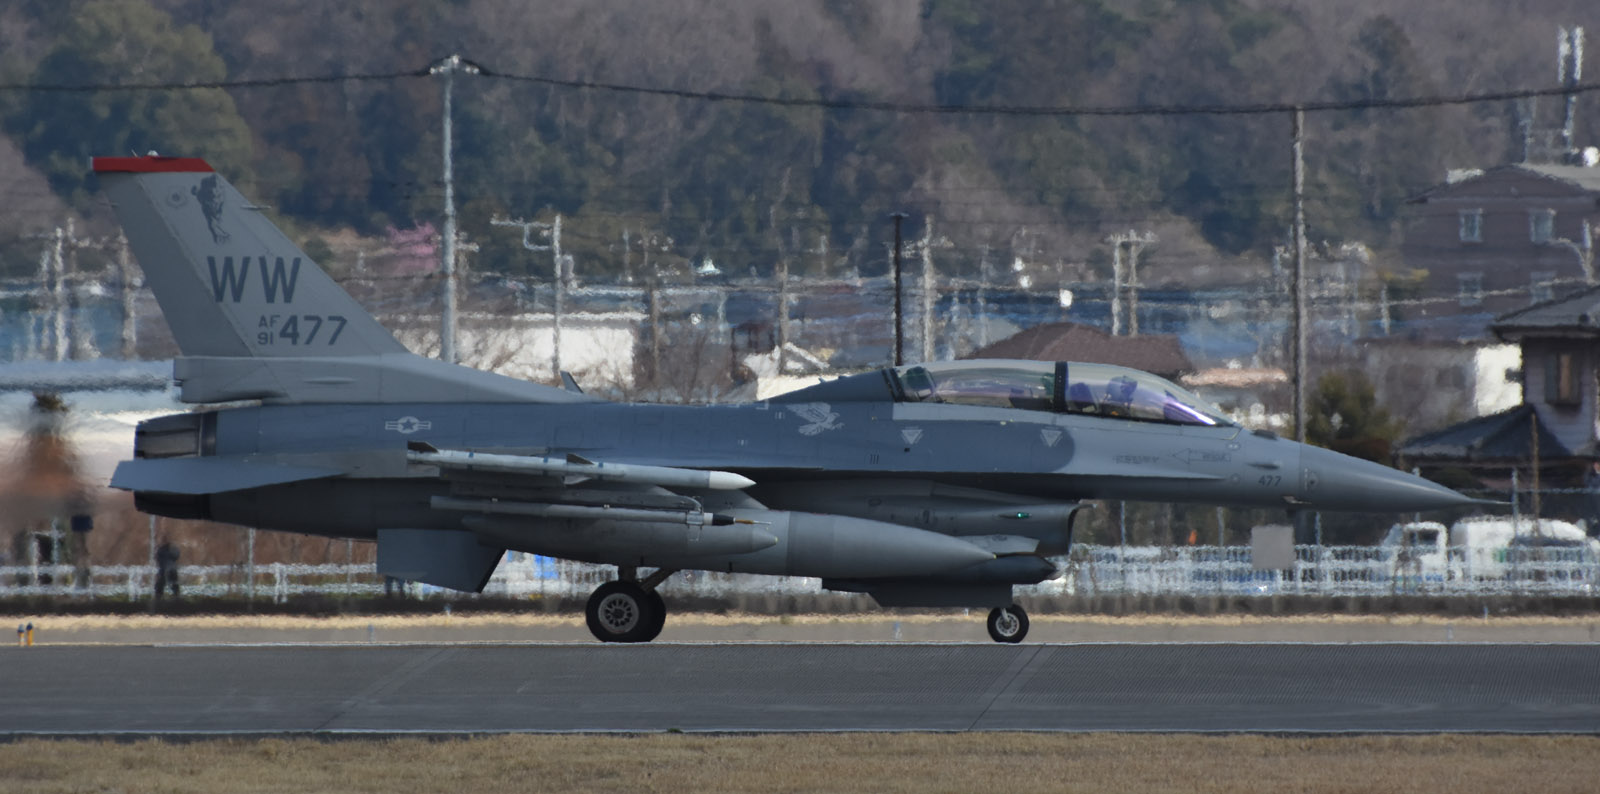 F16dm190312g039